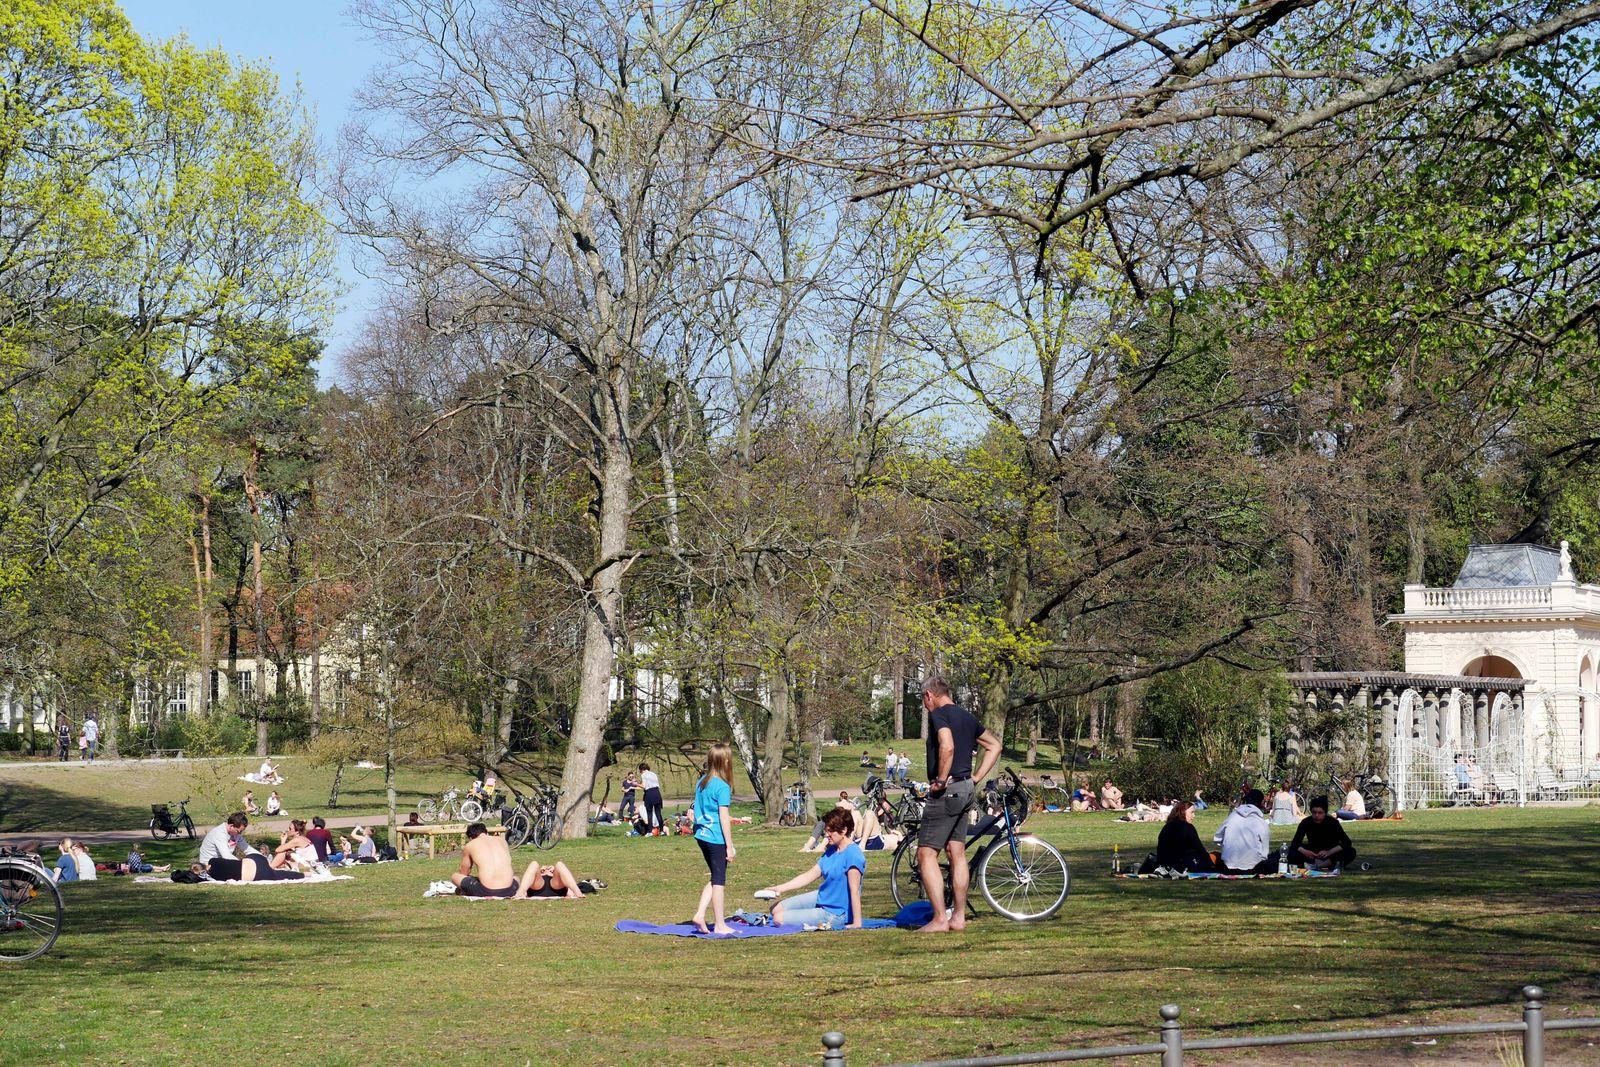 121.04.2020, Berlin - Deutschland. Bei dem tollen Wetter ist es voll draußen, die Leute gehen zu Ostern spazieren oder